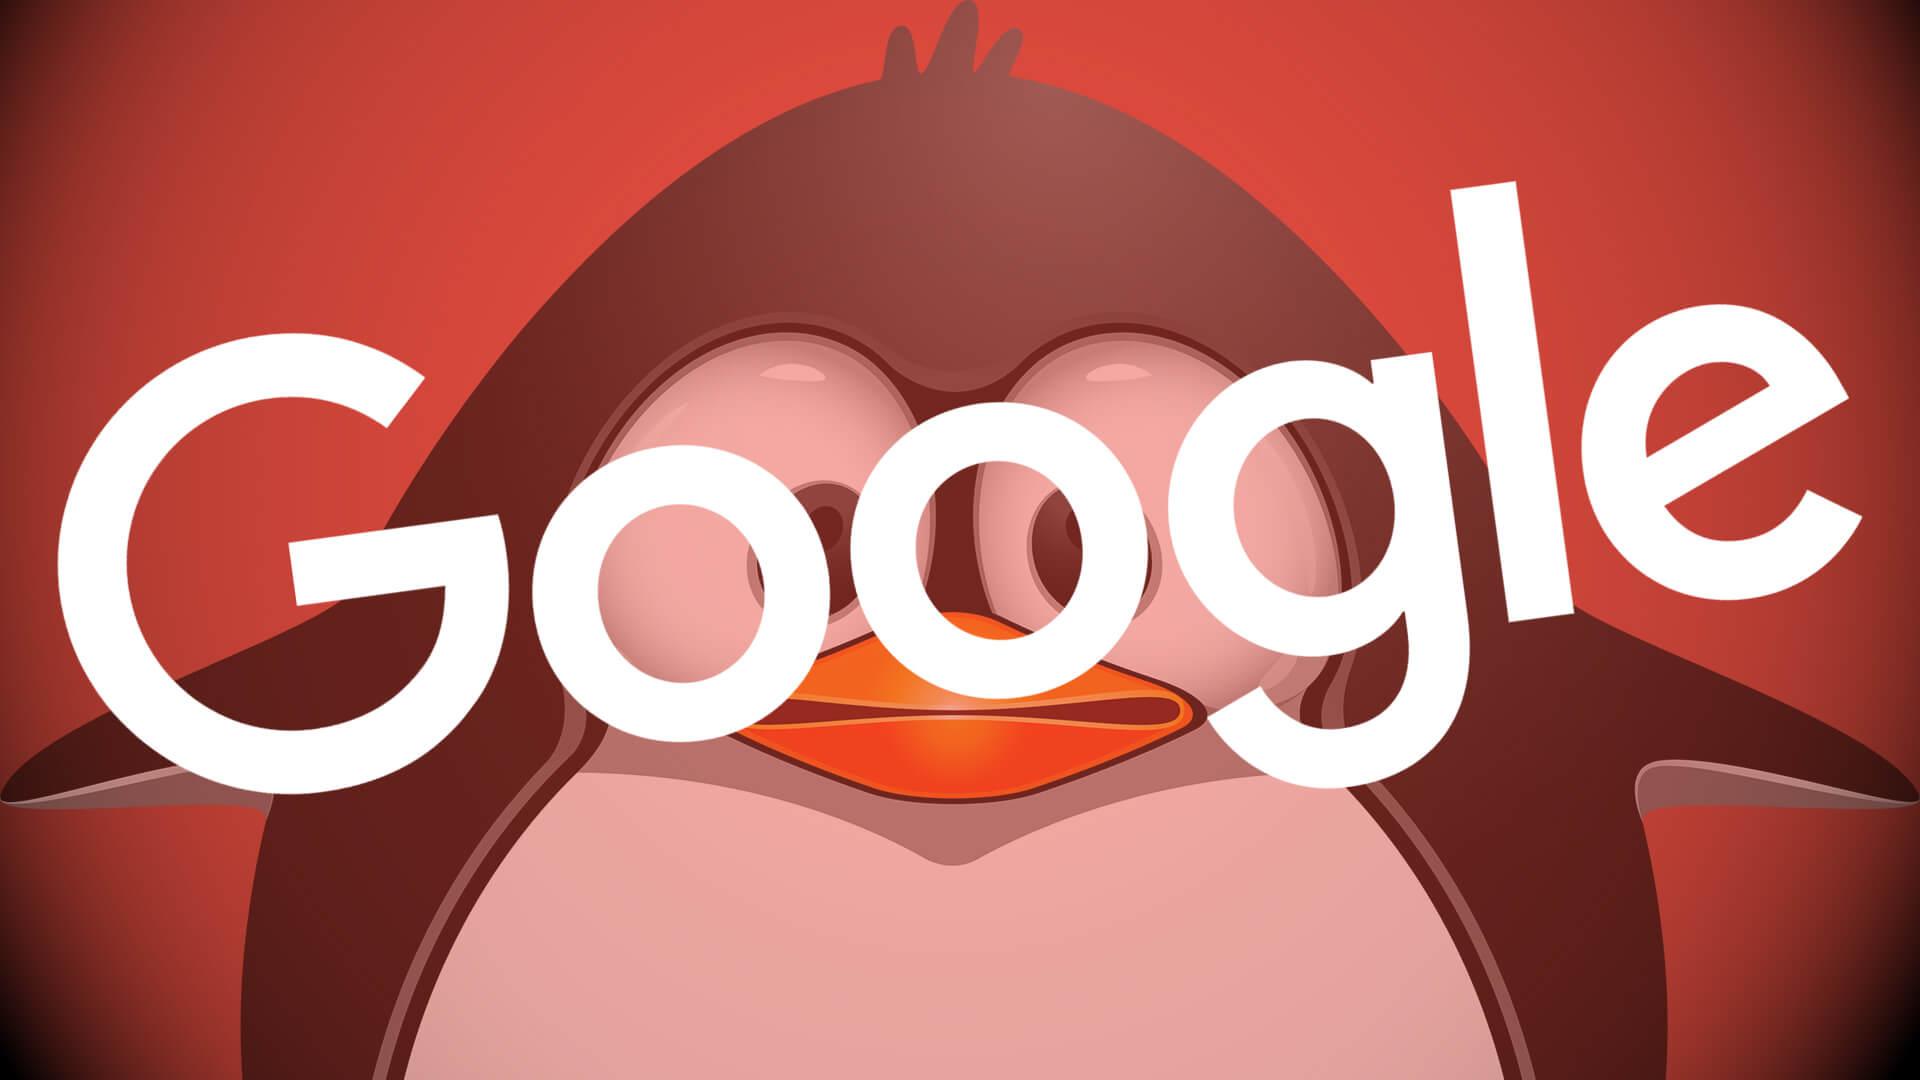 Google Penguin có trừng phạt các link xấu hay không?